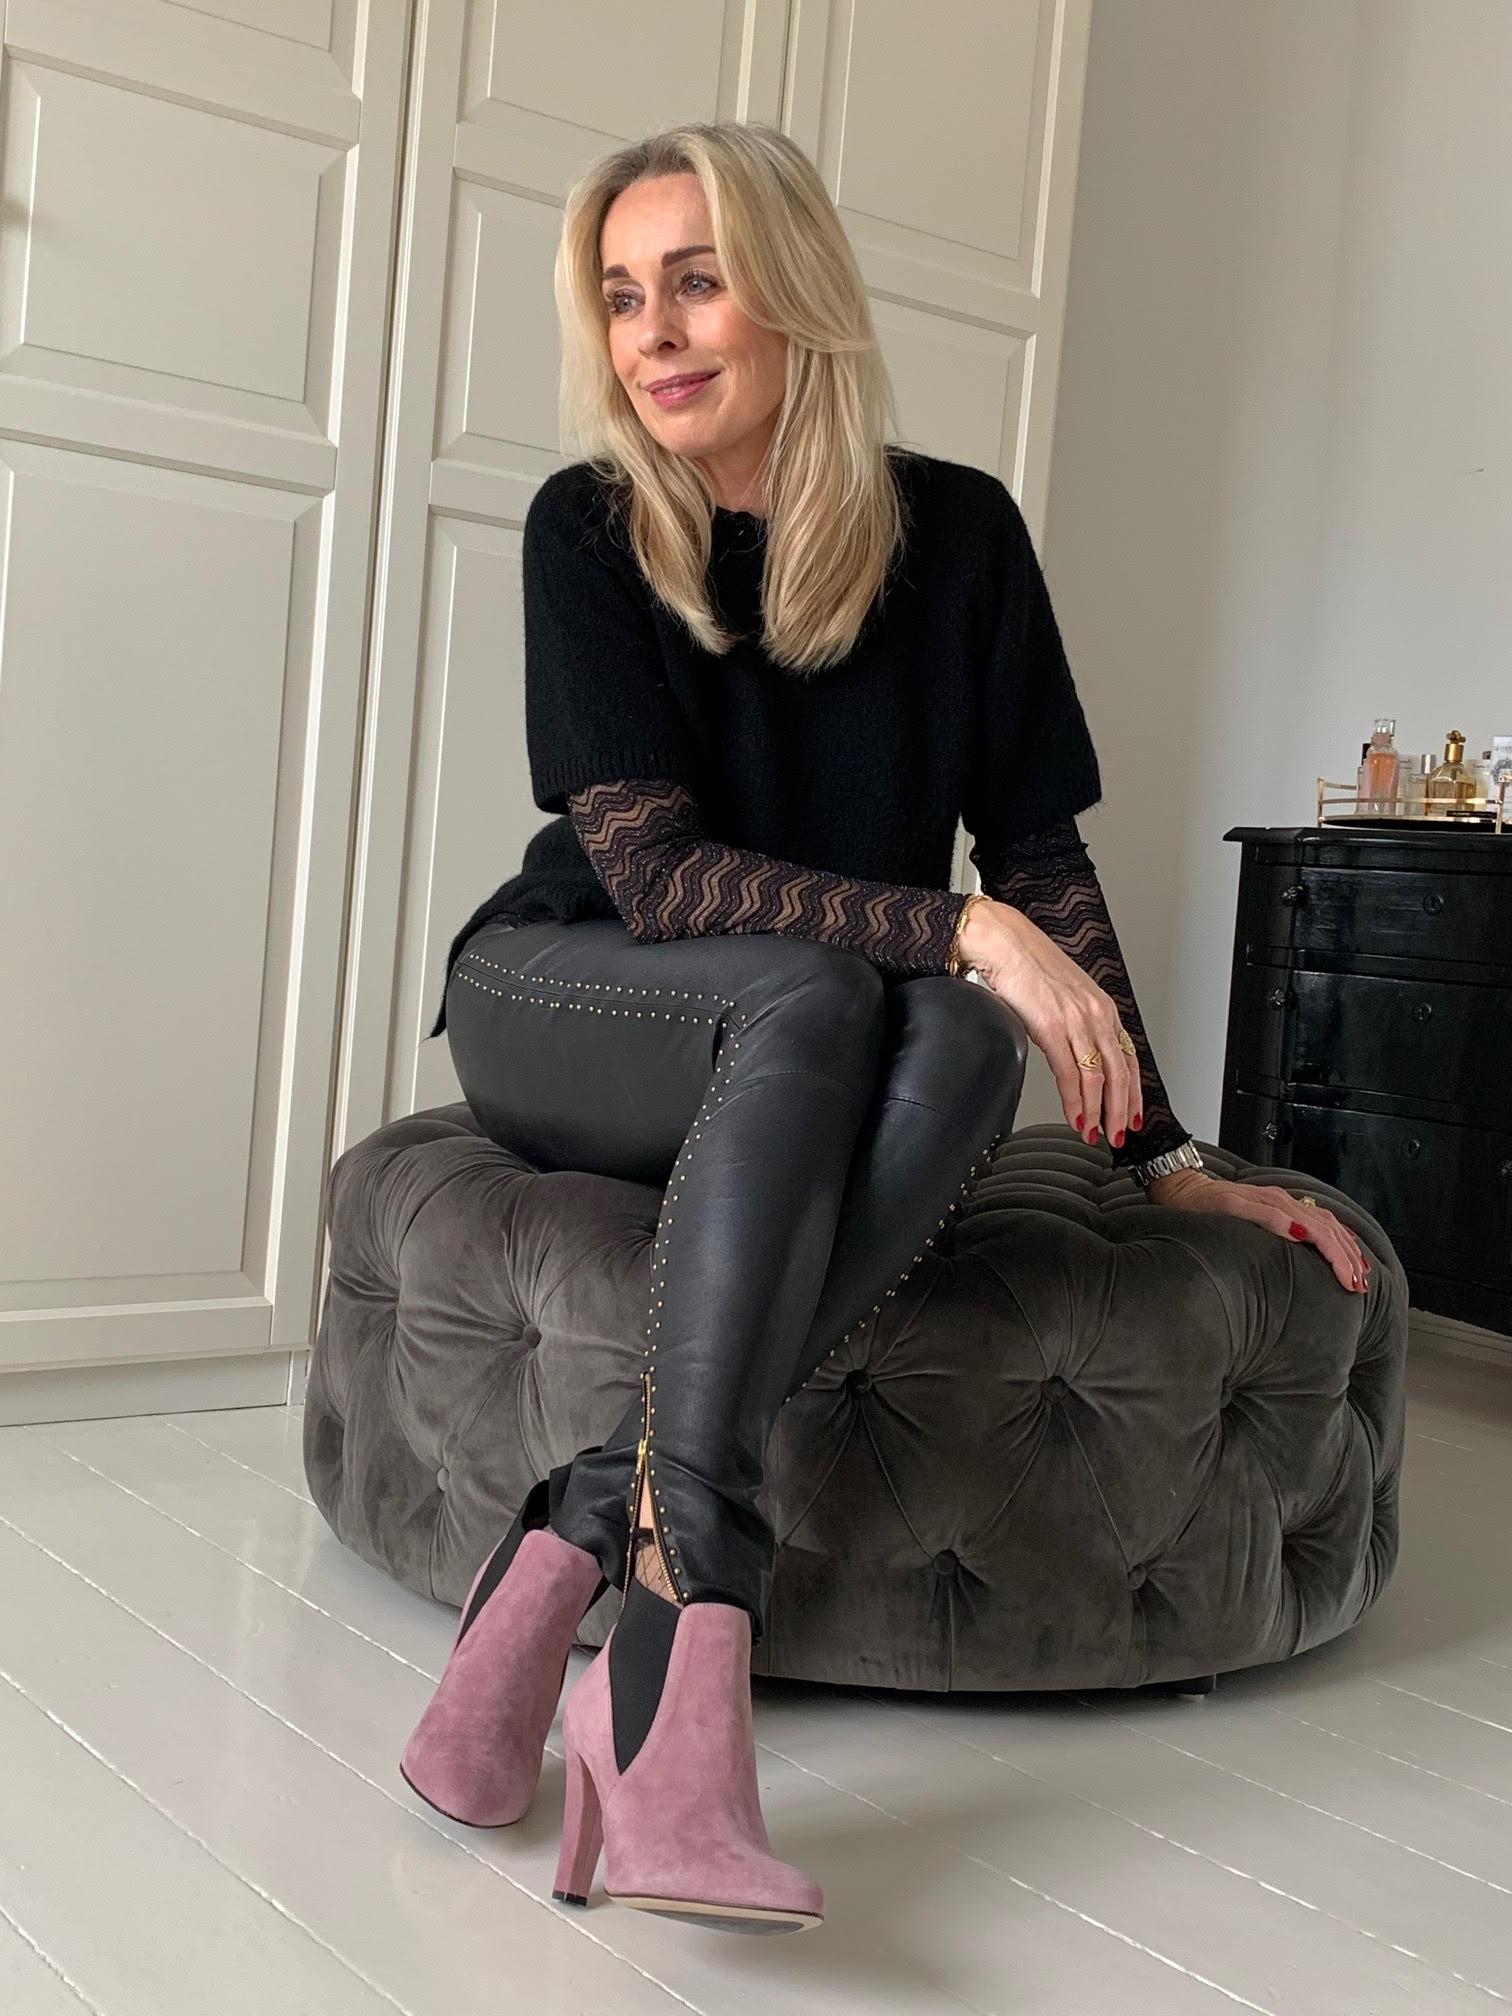 d6cdc8e8bdc1 Et par sko til fem outfits - Beauty By Silke